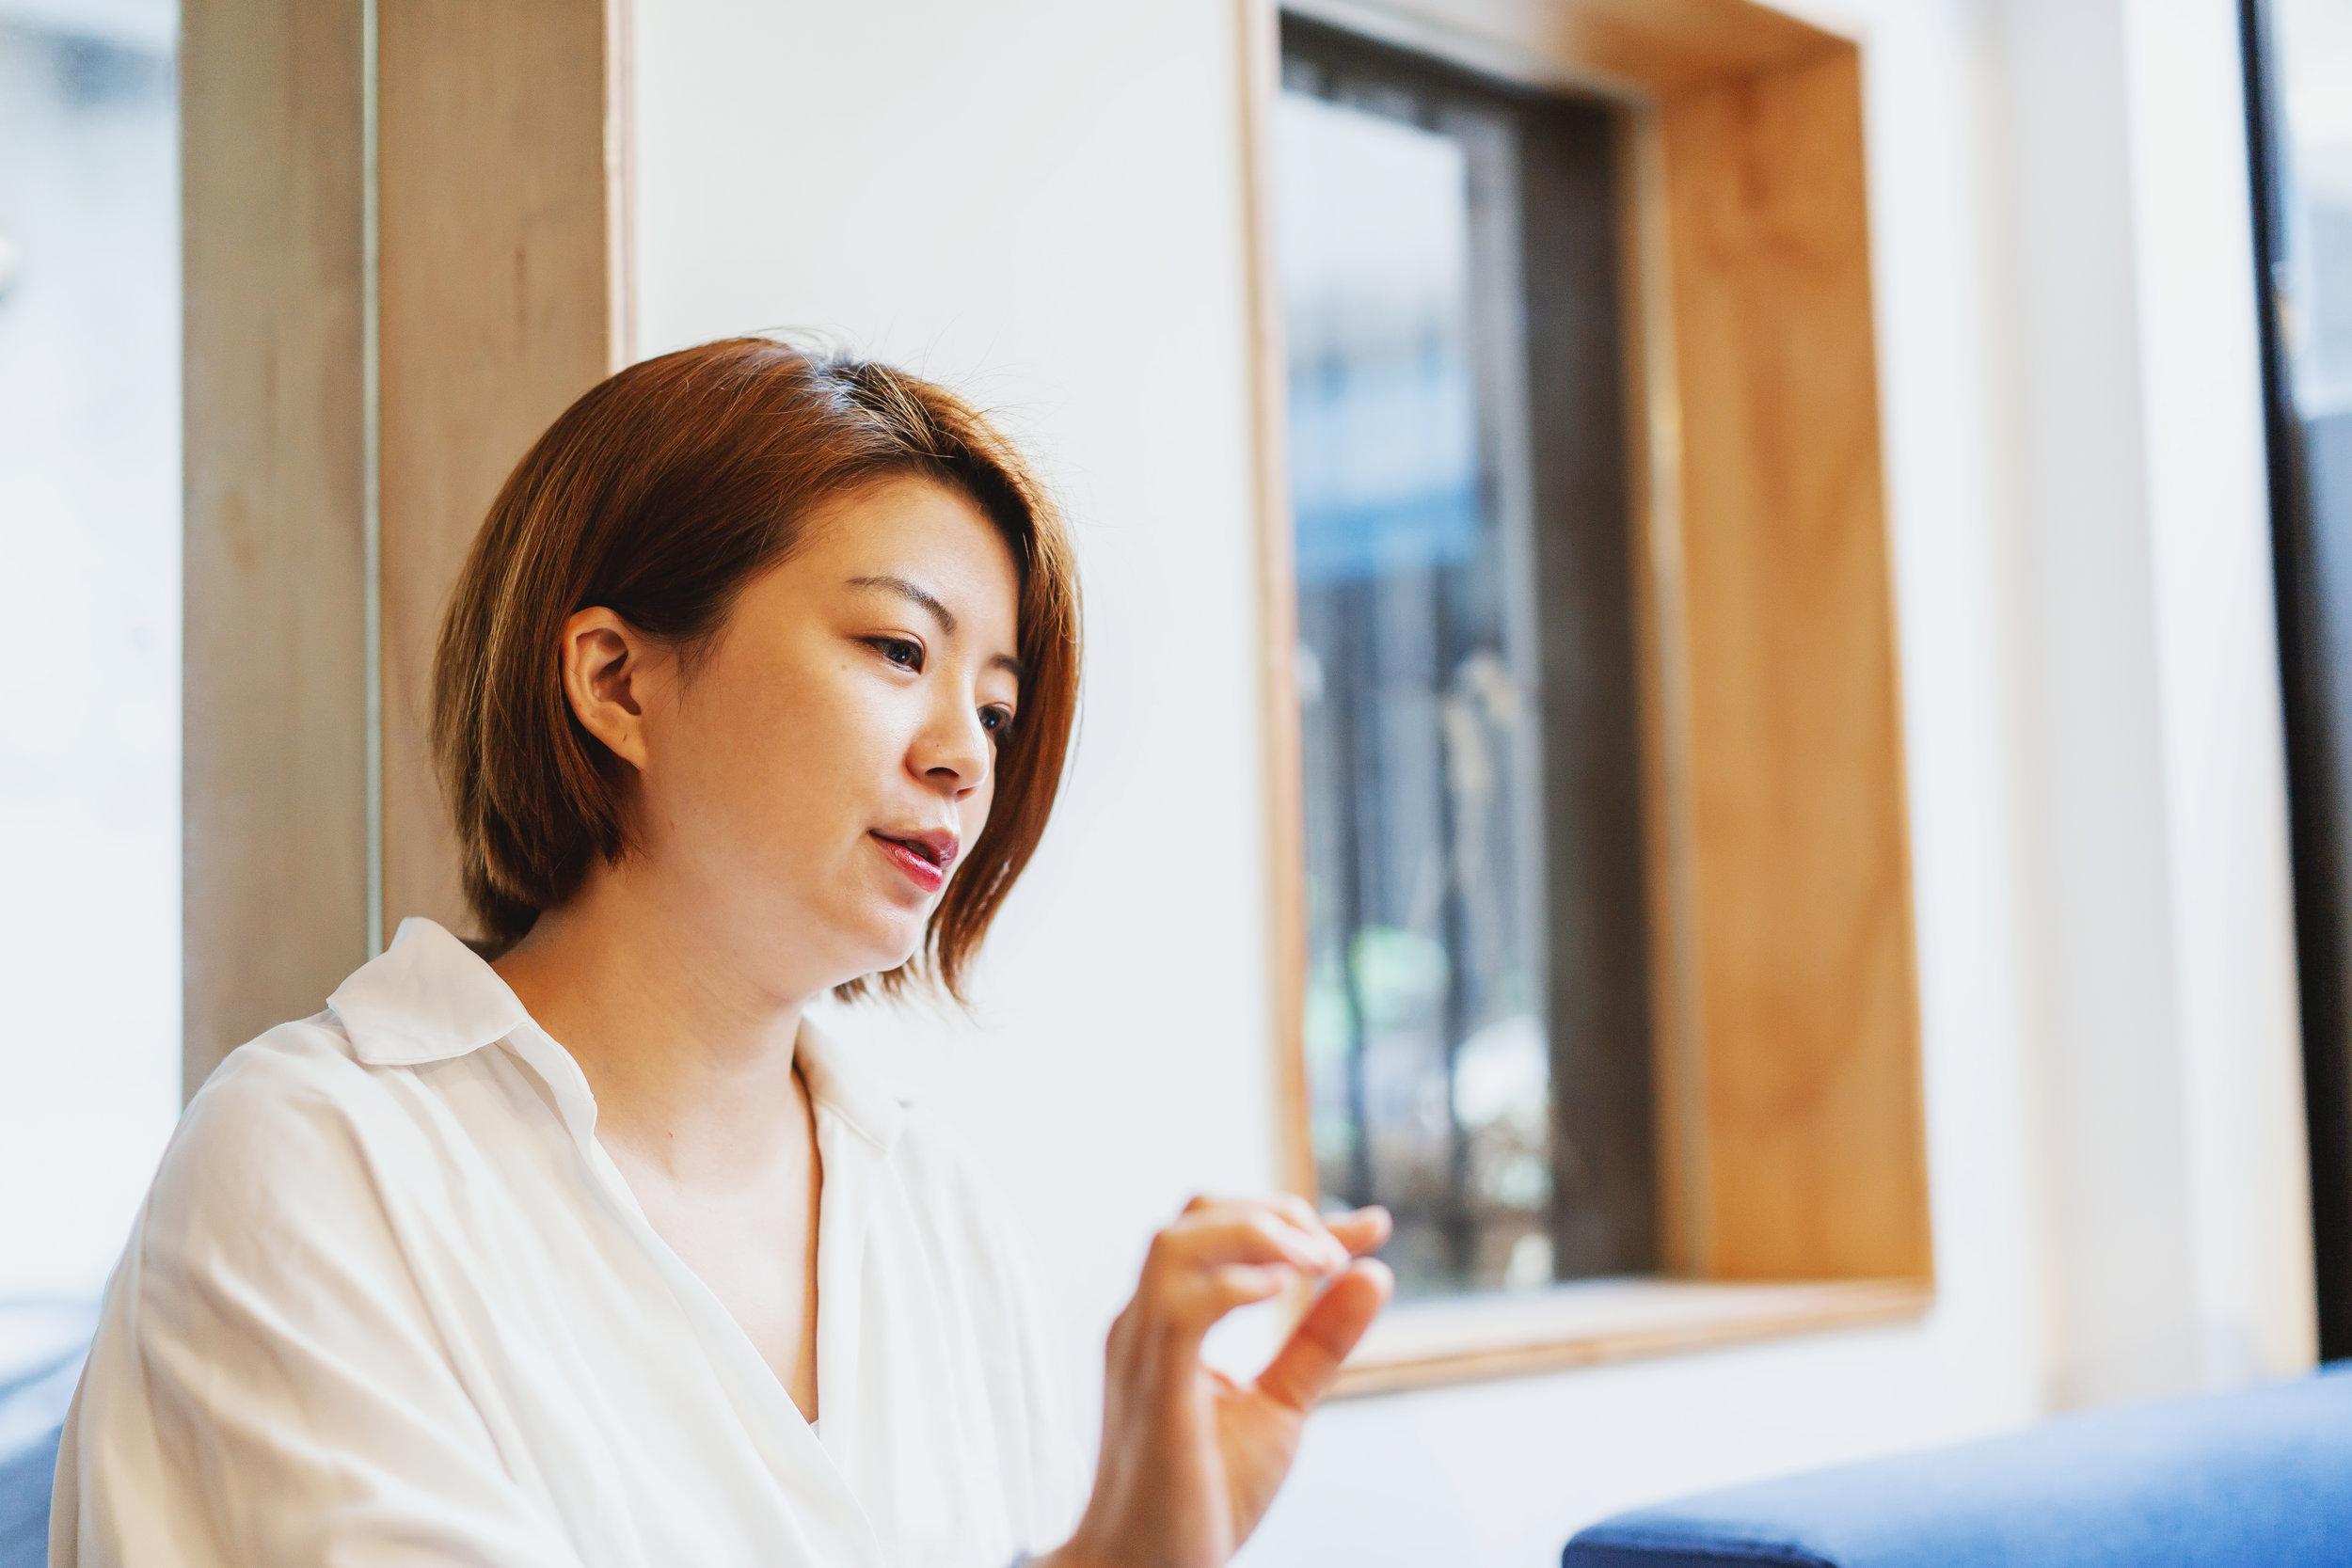 刘冠吟提到,读小日子杂志的人和走进店里消费的人,约仅有50%左右的重叠,但她深信,透过店内的产品和讲座的交流,可以让更多人了解小日子真正想做的事。